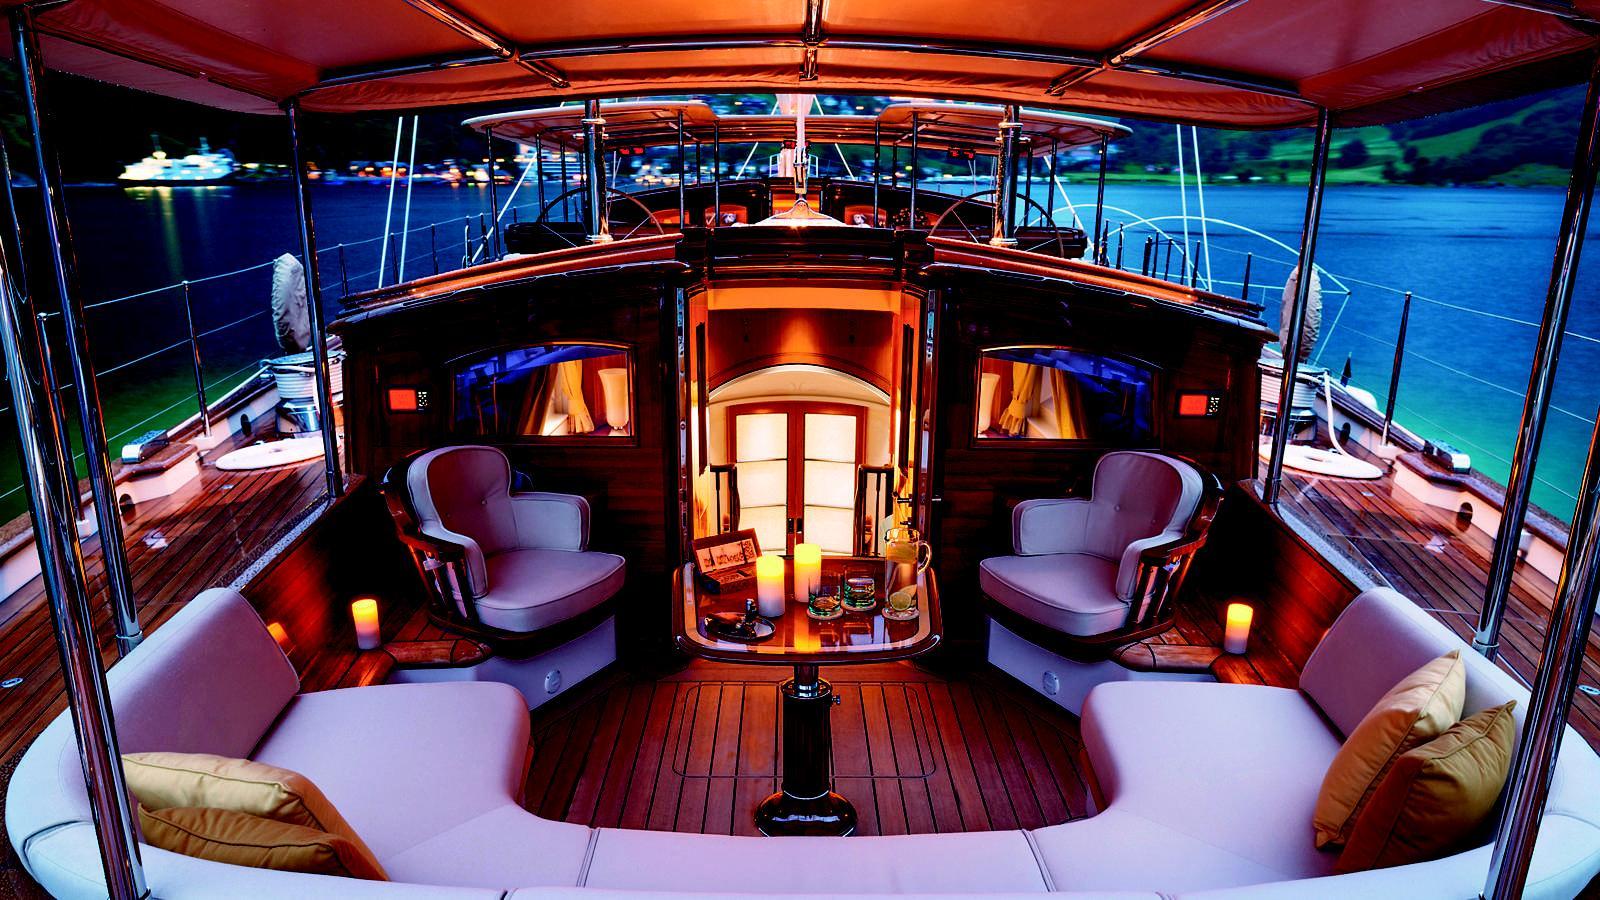 wisp-sailing-yacht-royal-huisman-2014-48m-exterior-seats